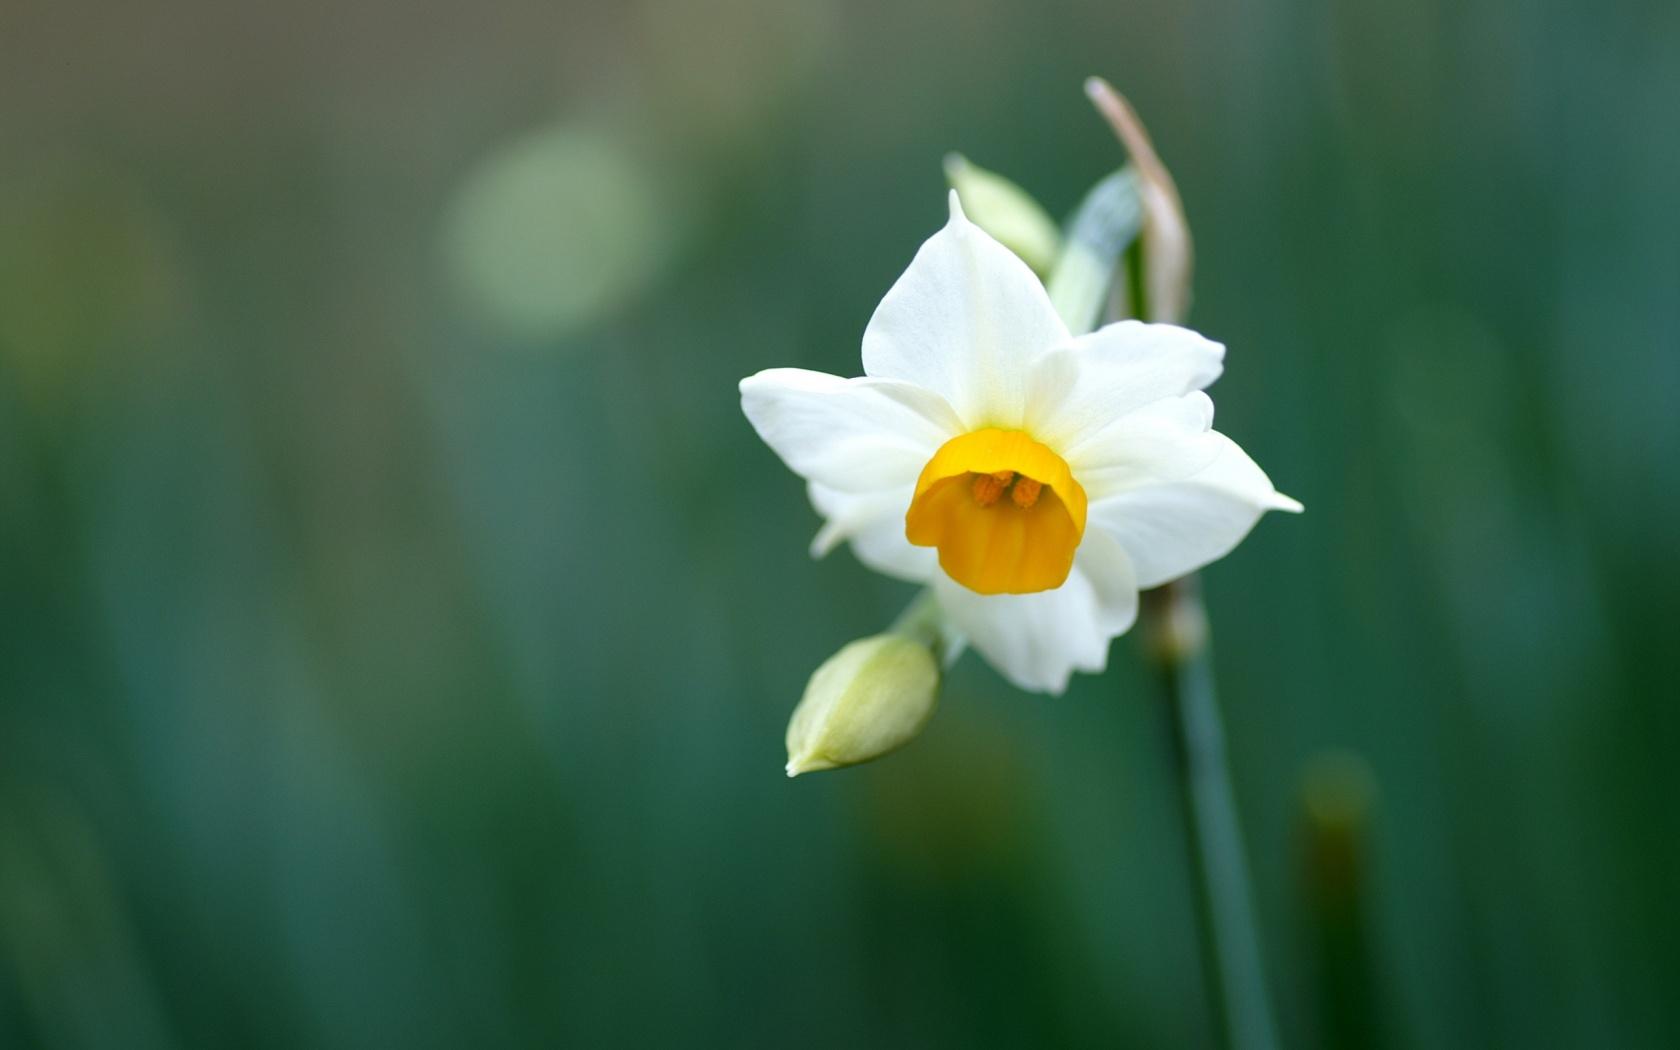 Pretty Daffodil Wallpaper 45405 1680x1050 px